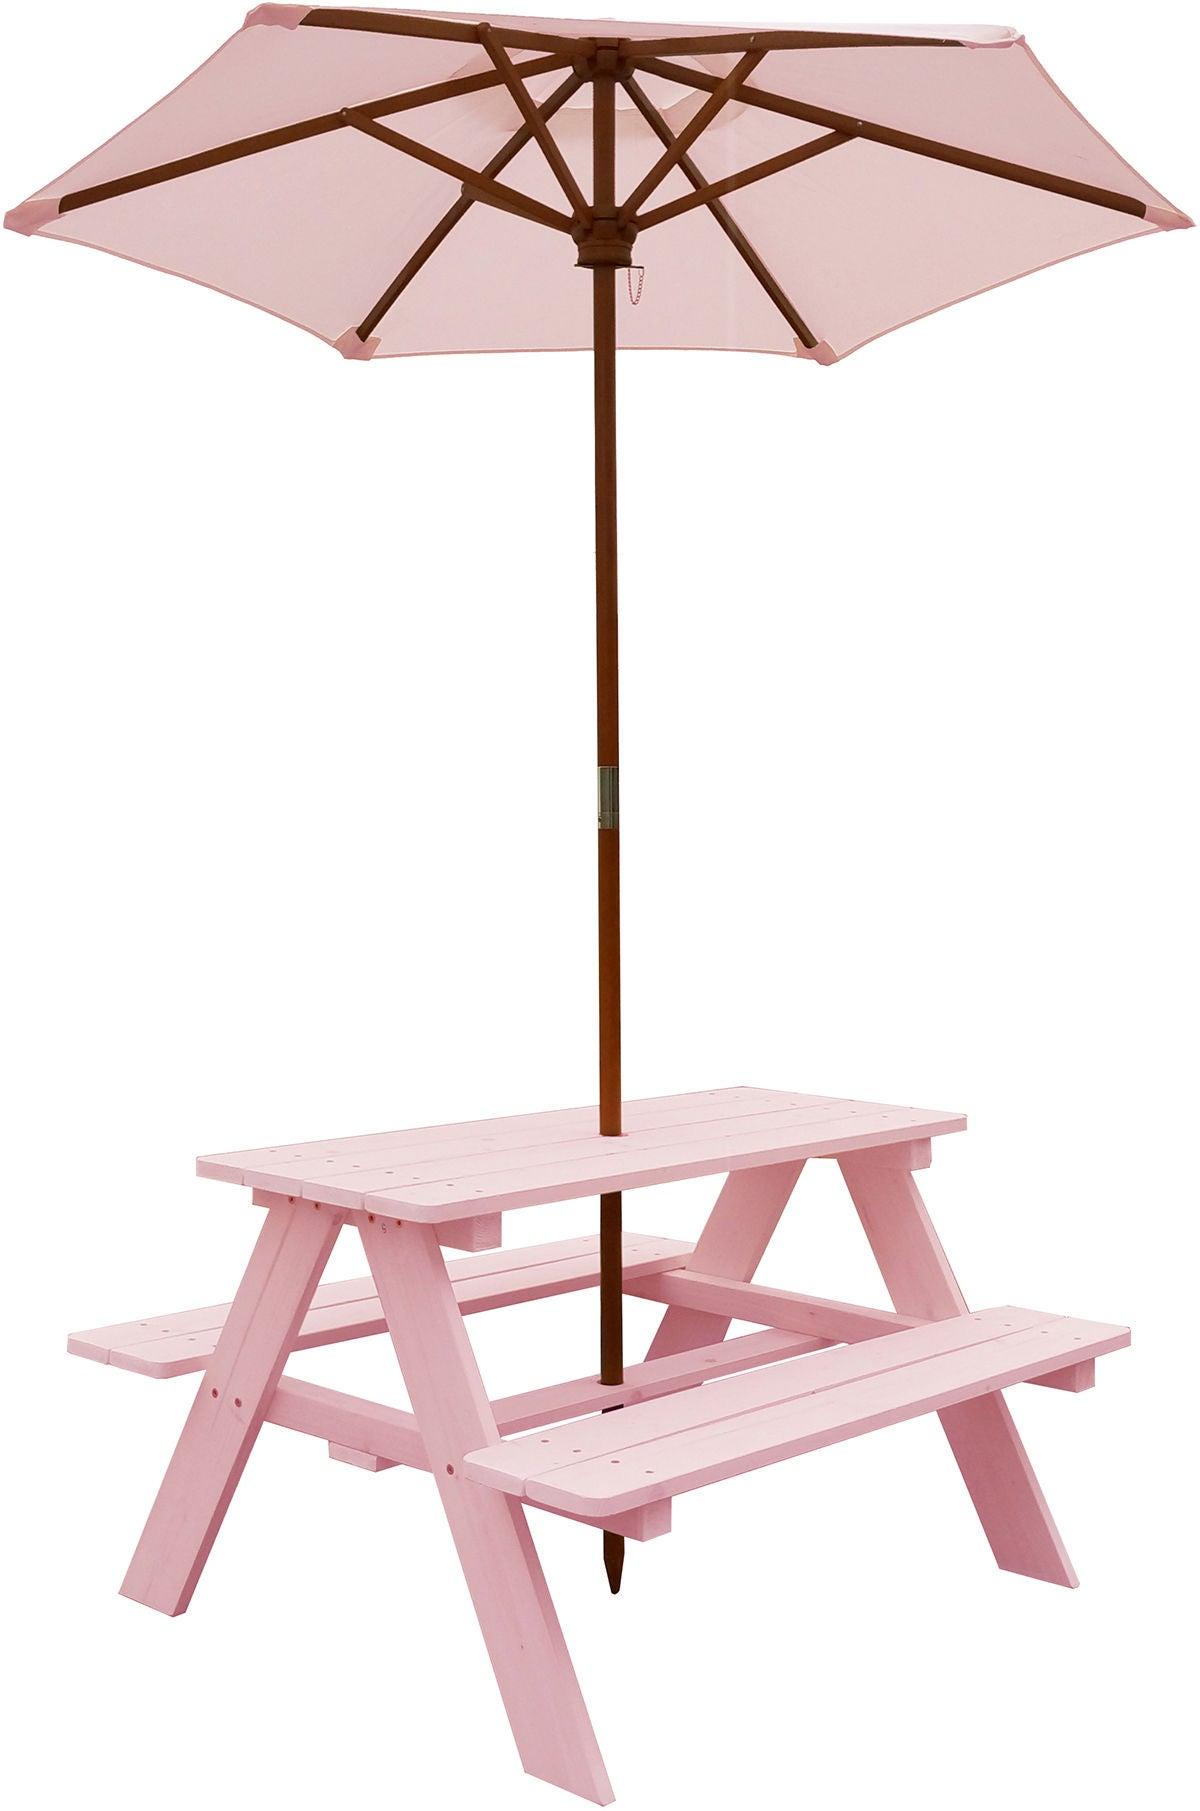 Woodlii Piknikpöytä Aurinkovarjolla, Vaaleanpunainen